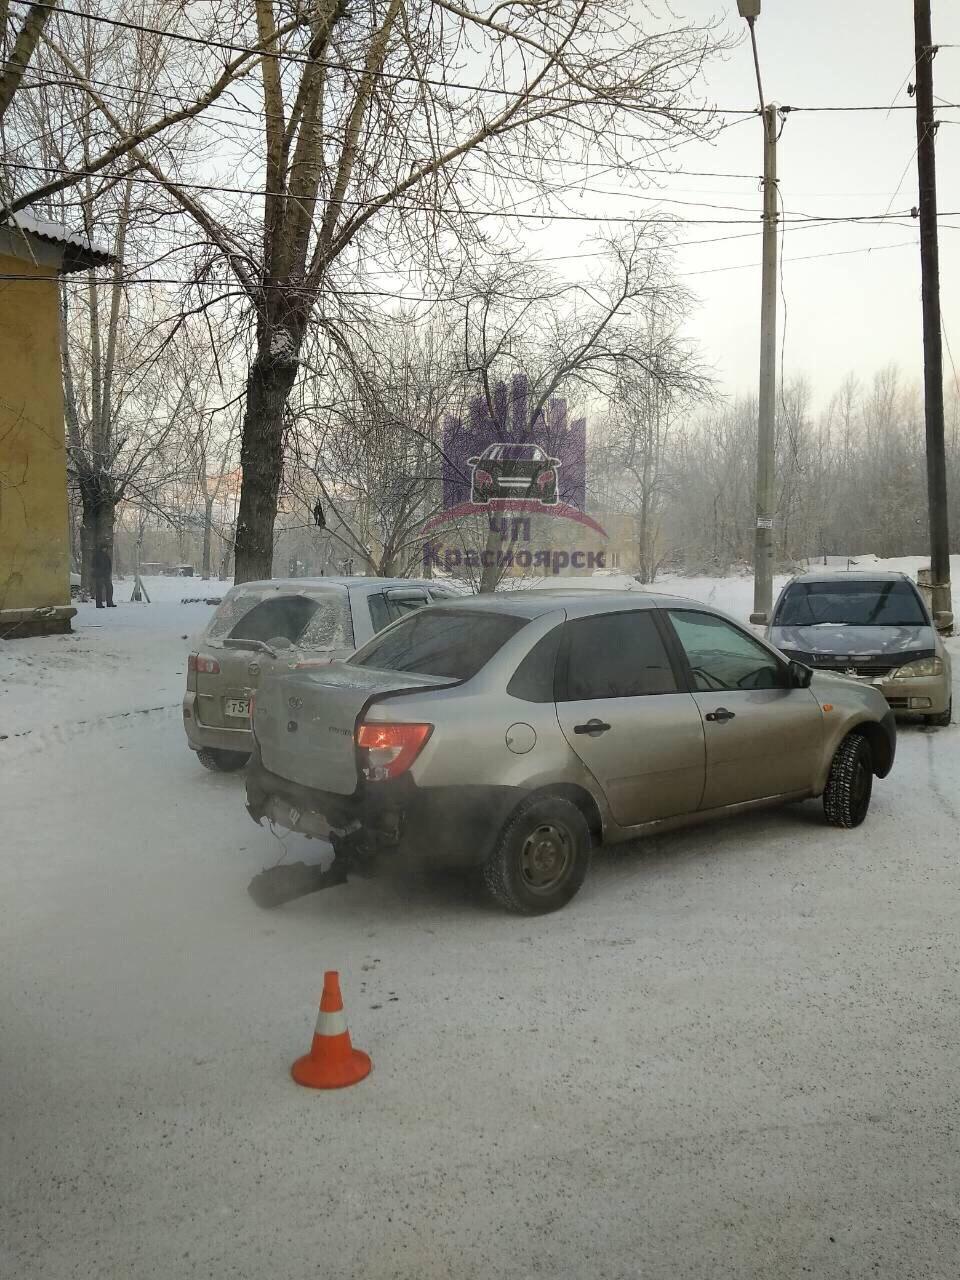 Перед тем как врезаться в дом, водитель протаранил «Ладу Гранту» полиции